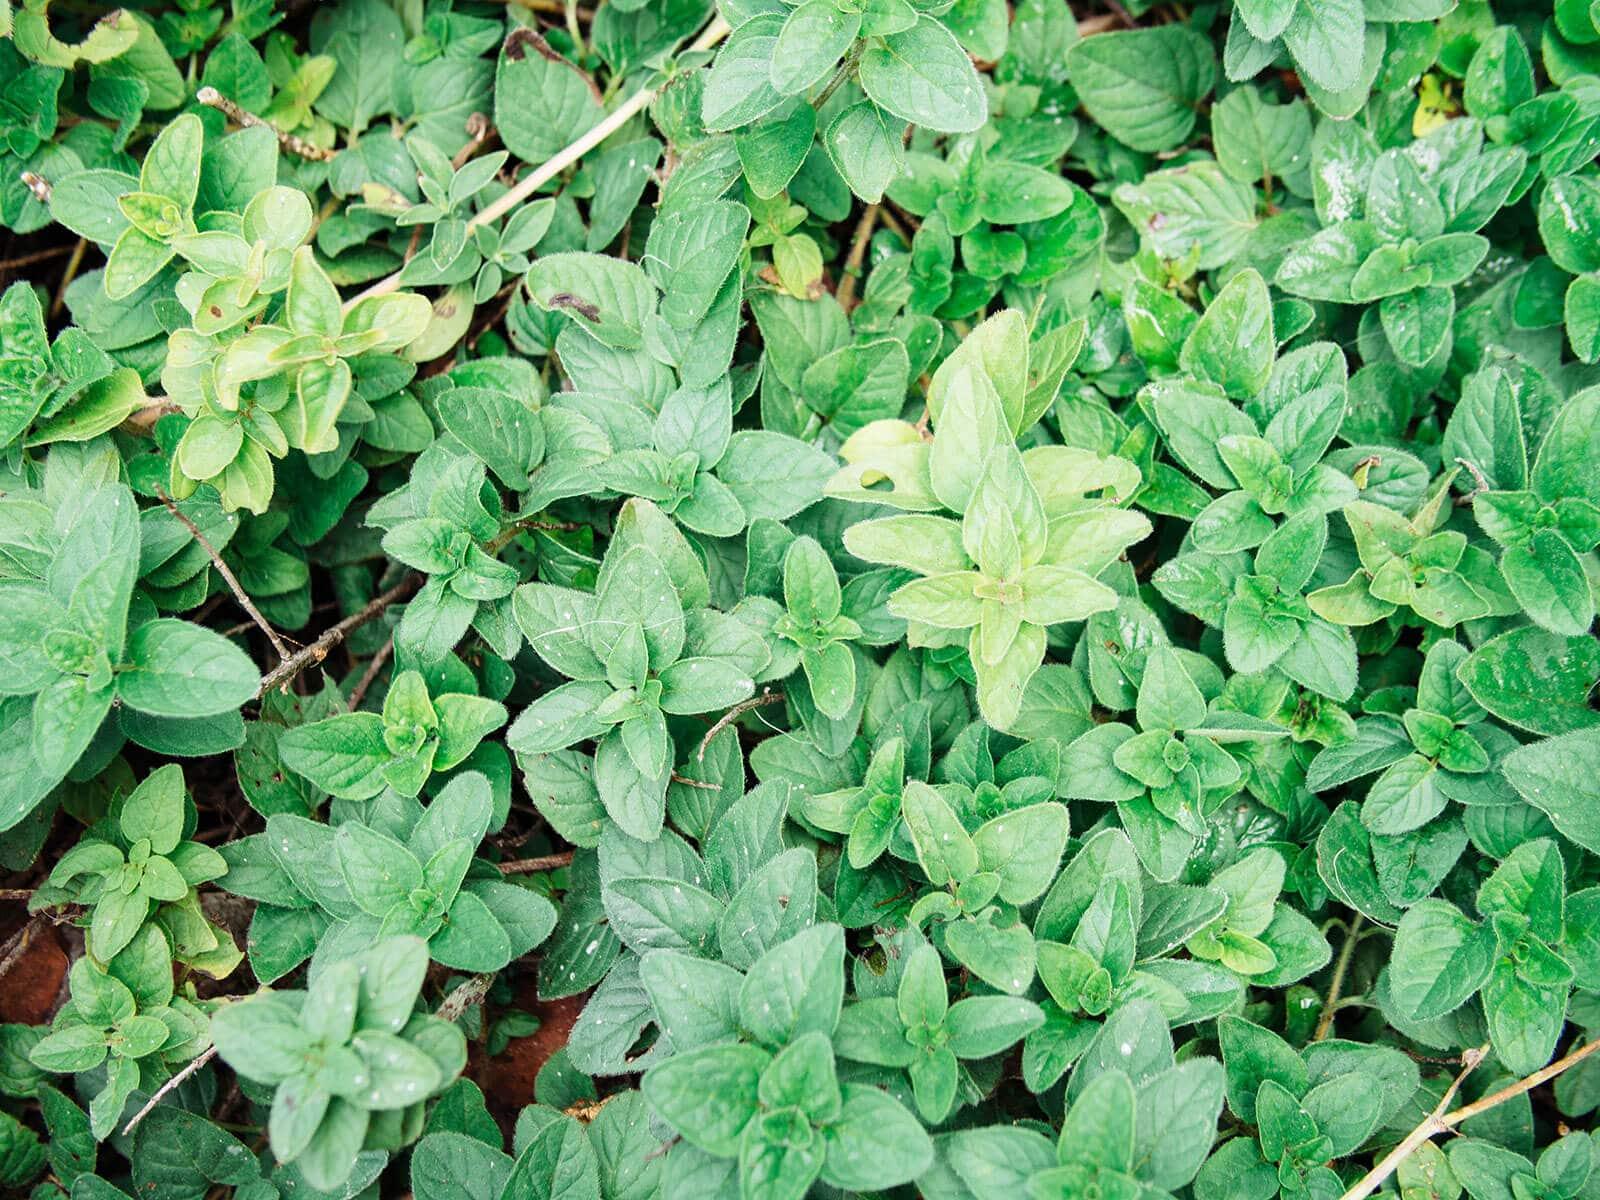 Oregano grown as an edible ground cover